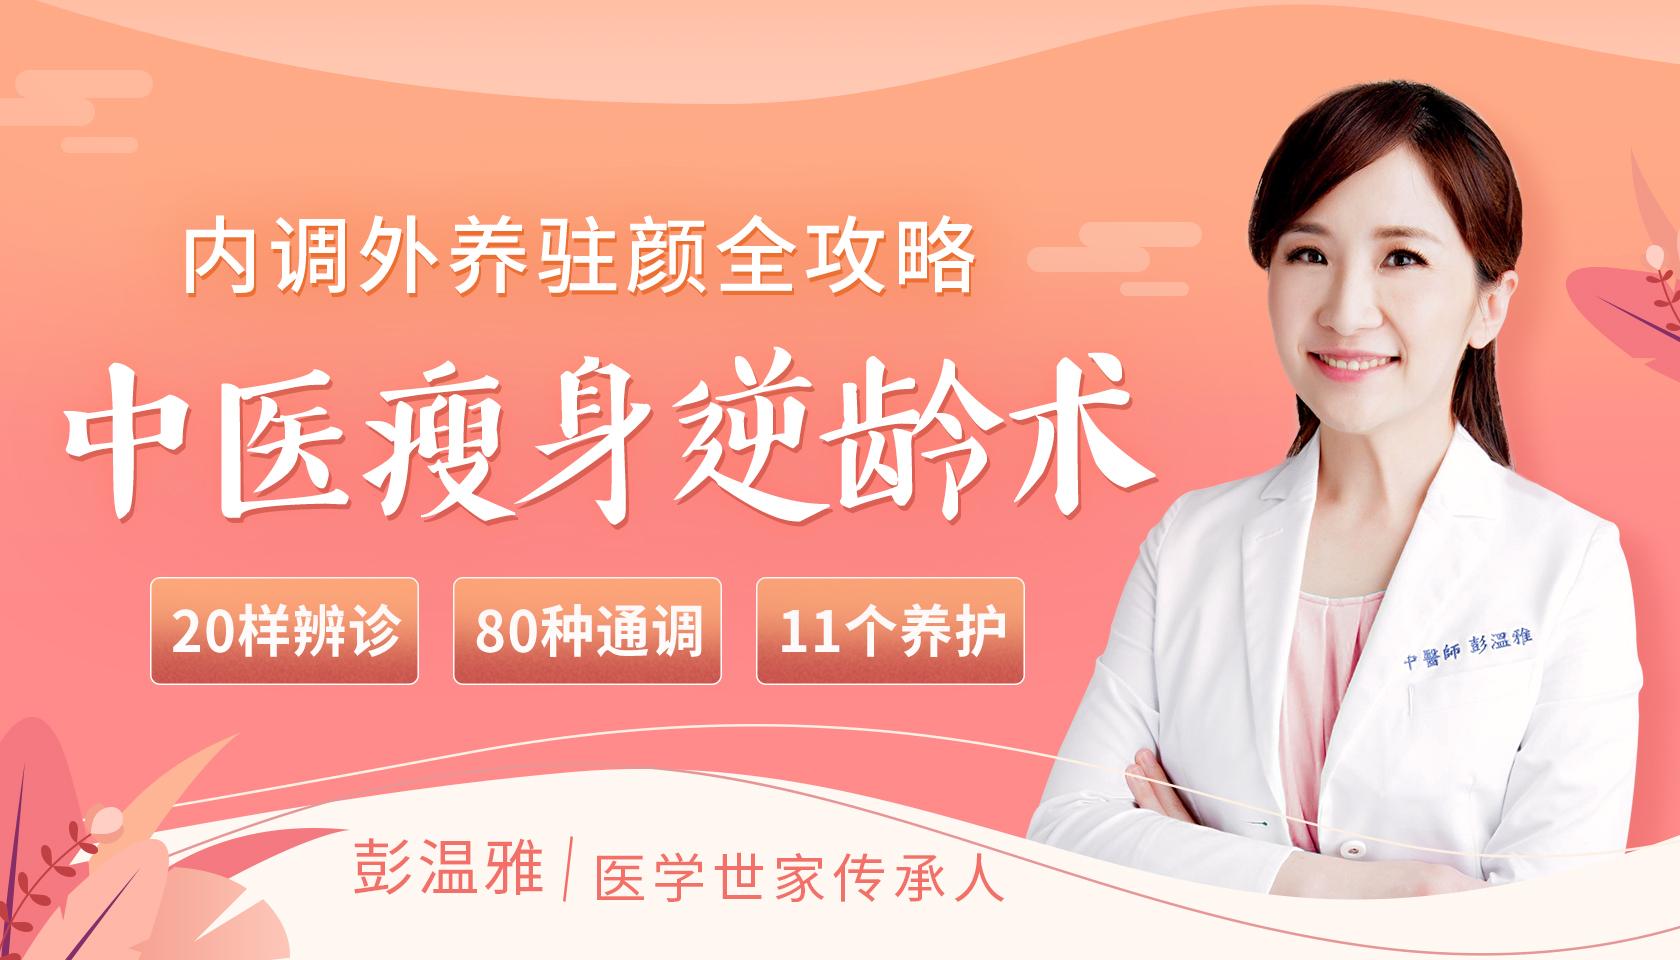 中医古法逆龄术:升D杯、瘦全身、塑V脸,让你由内到外美翻天!